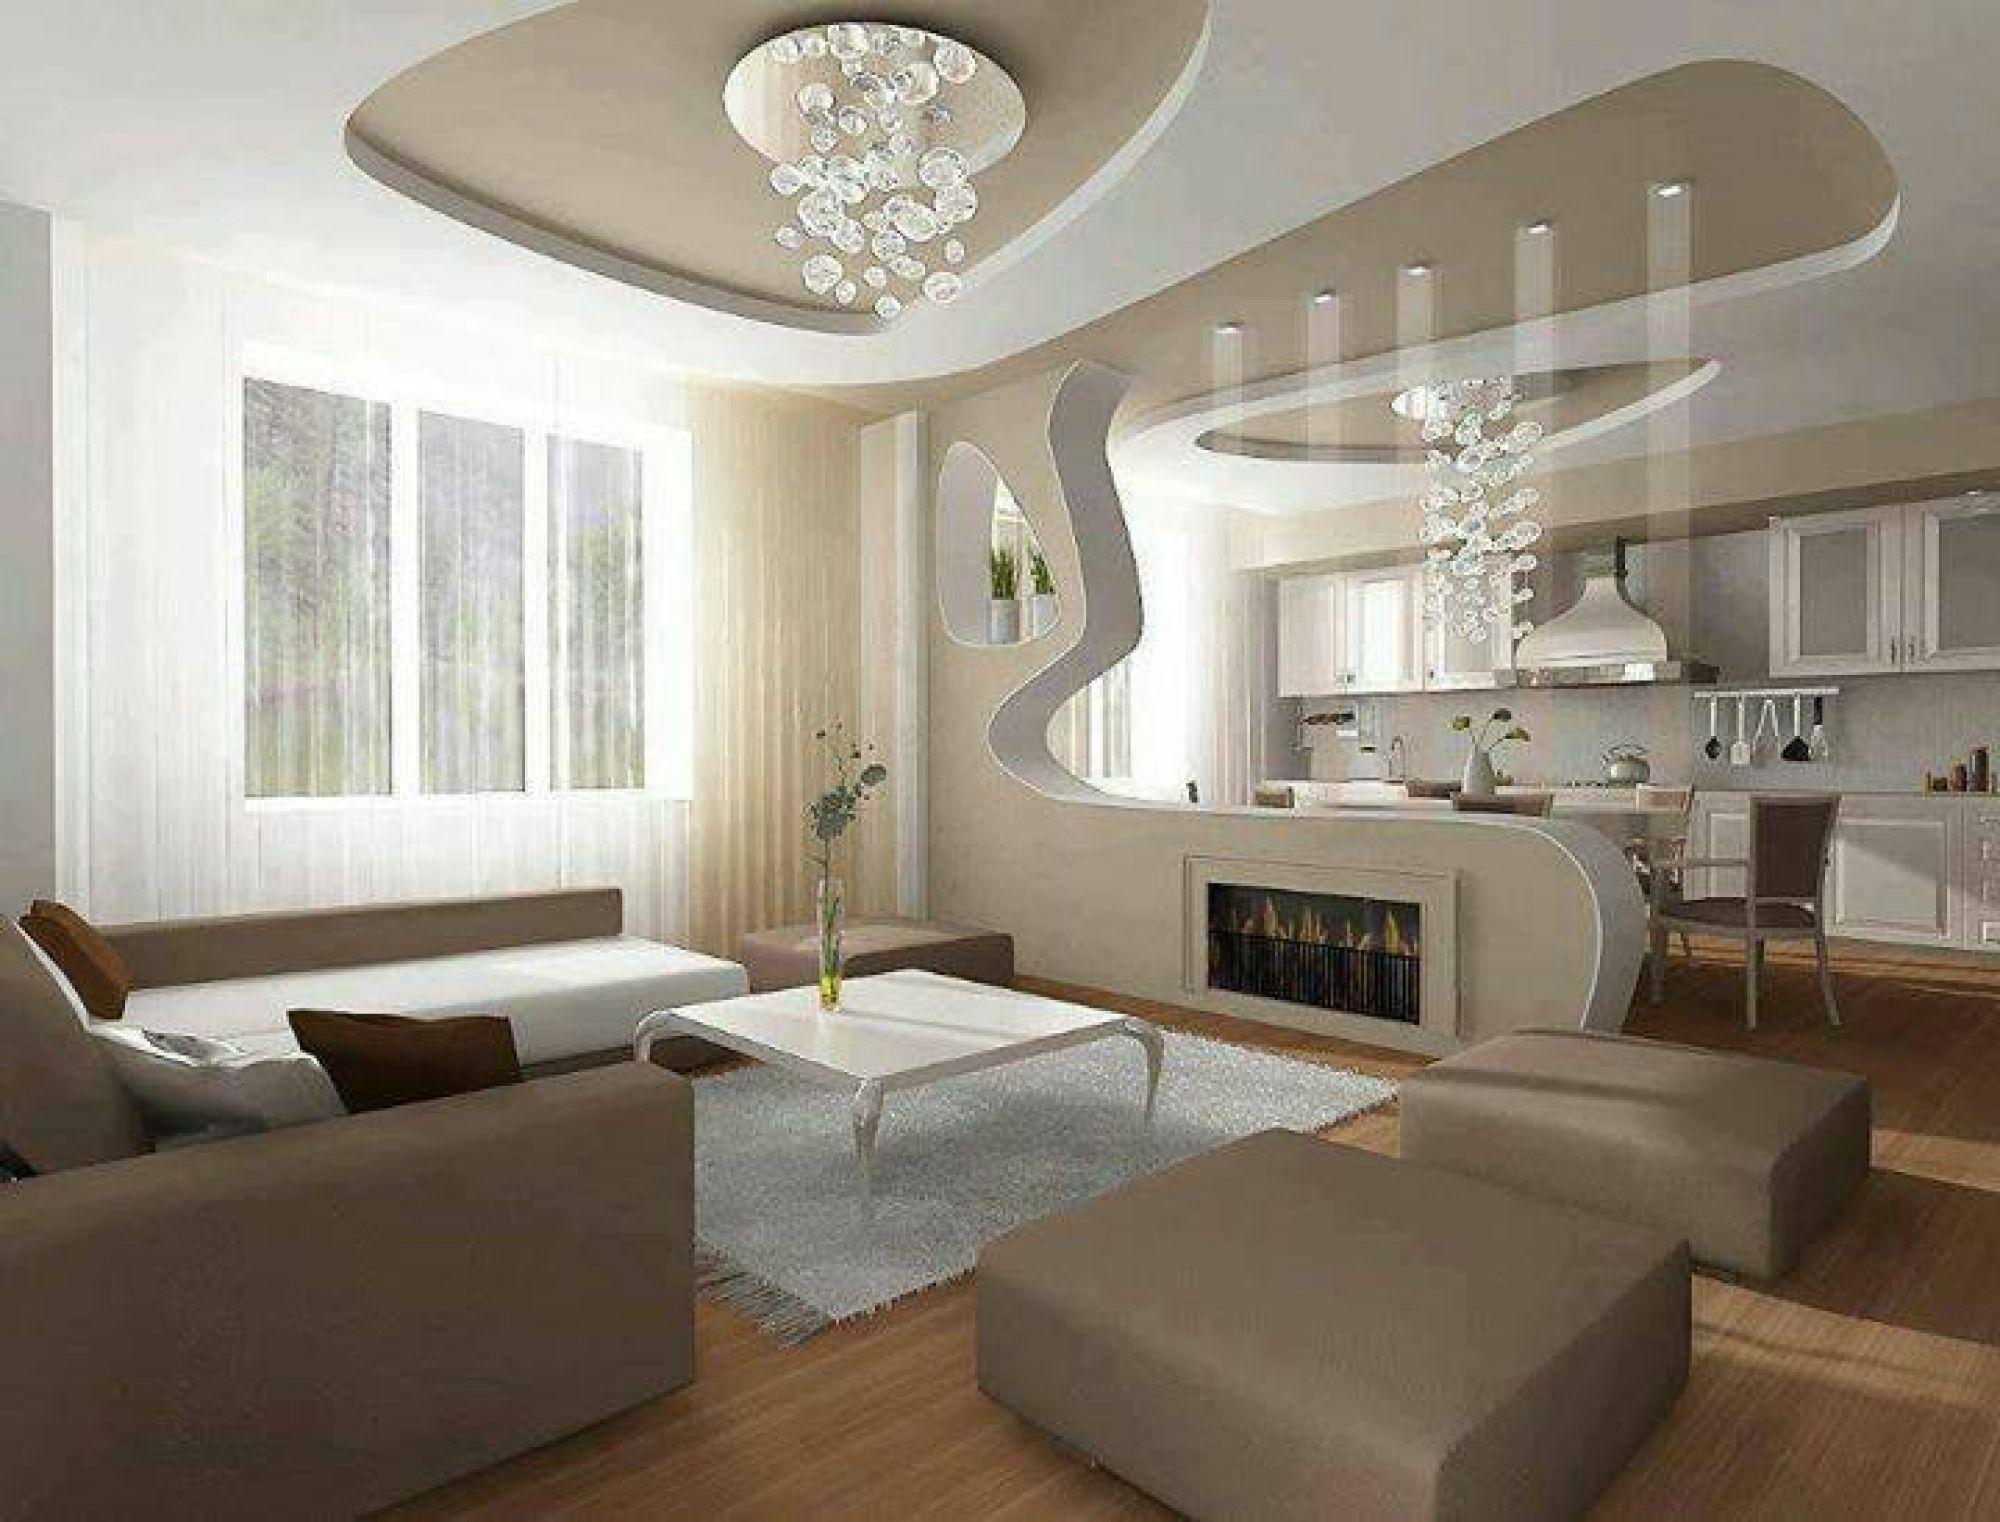 Оформление интерьера квартиры в новостройке